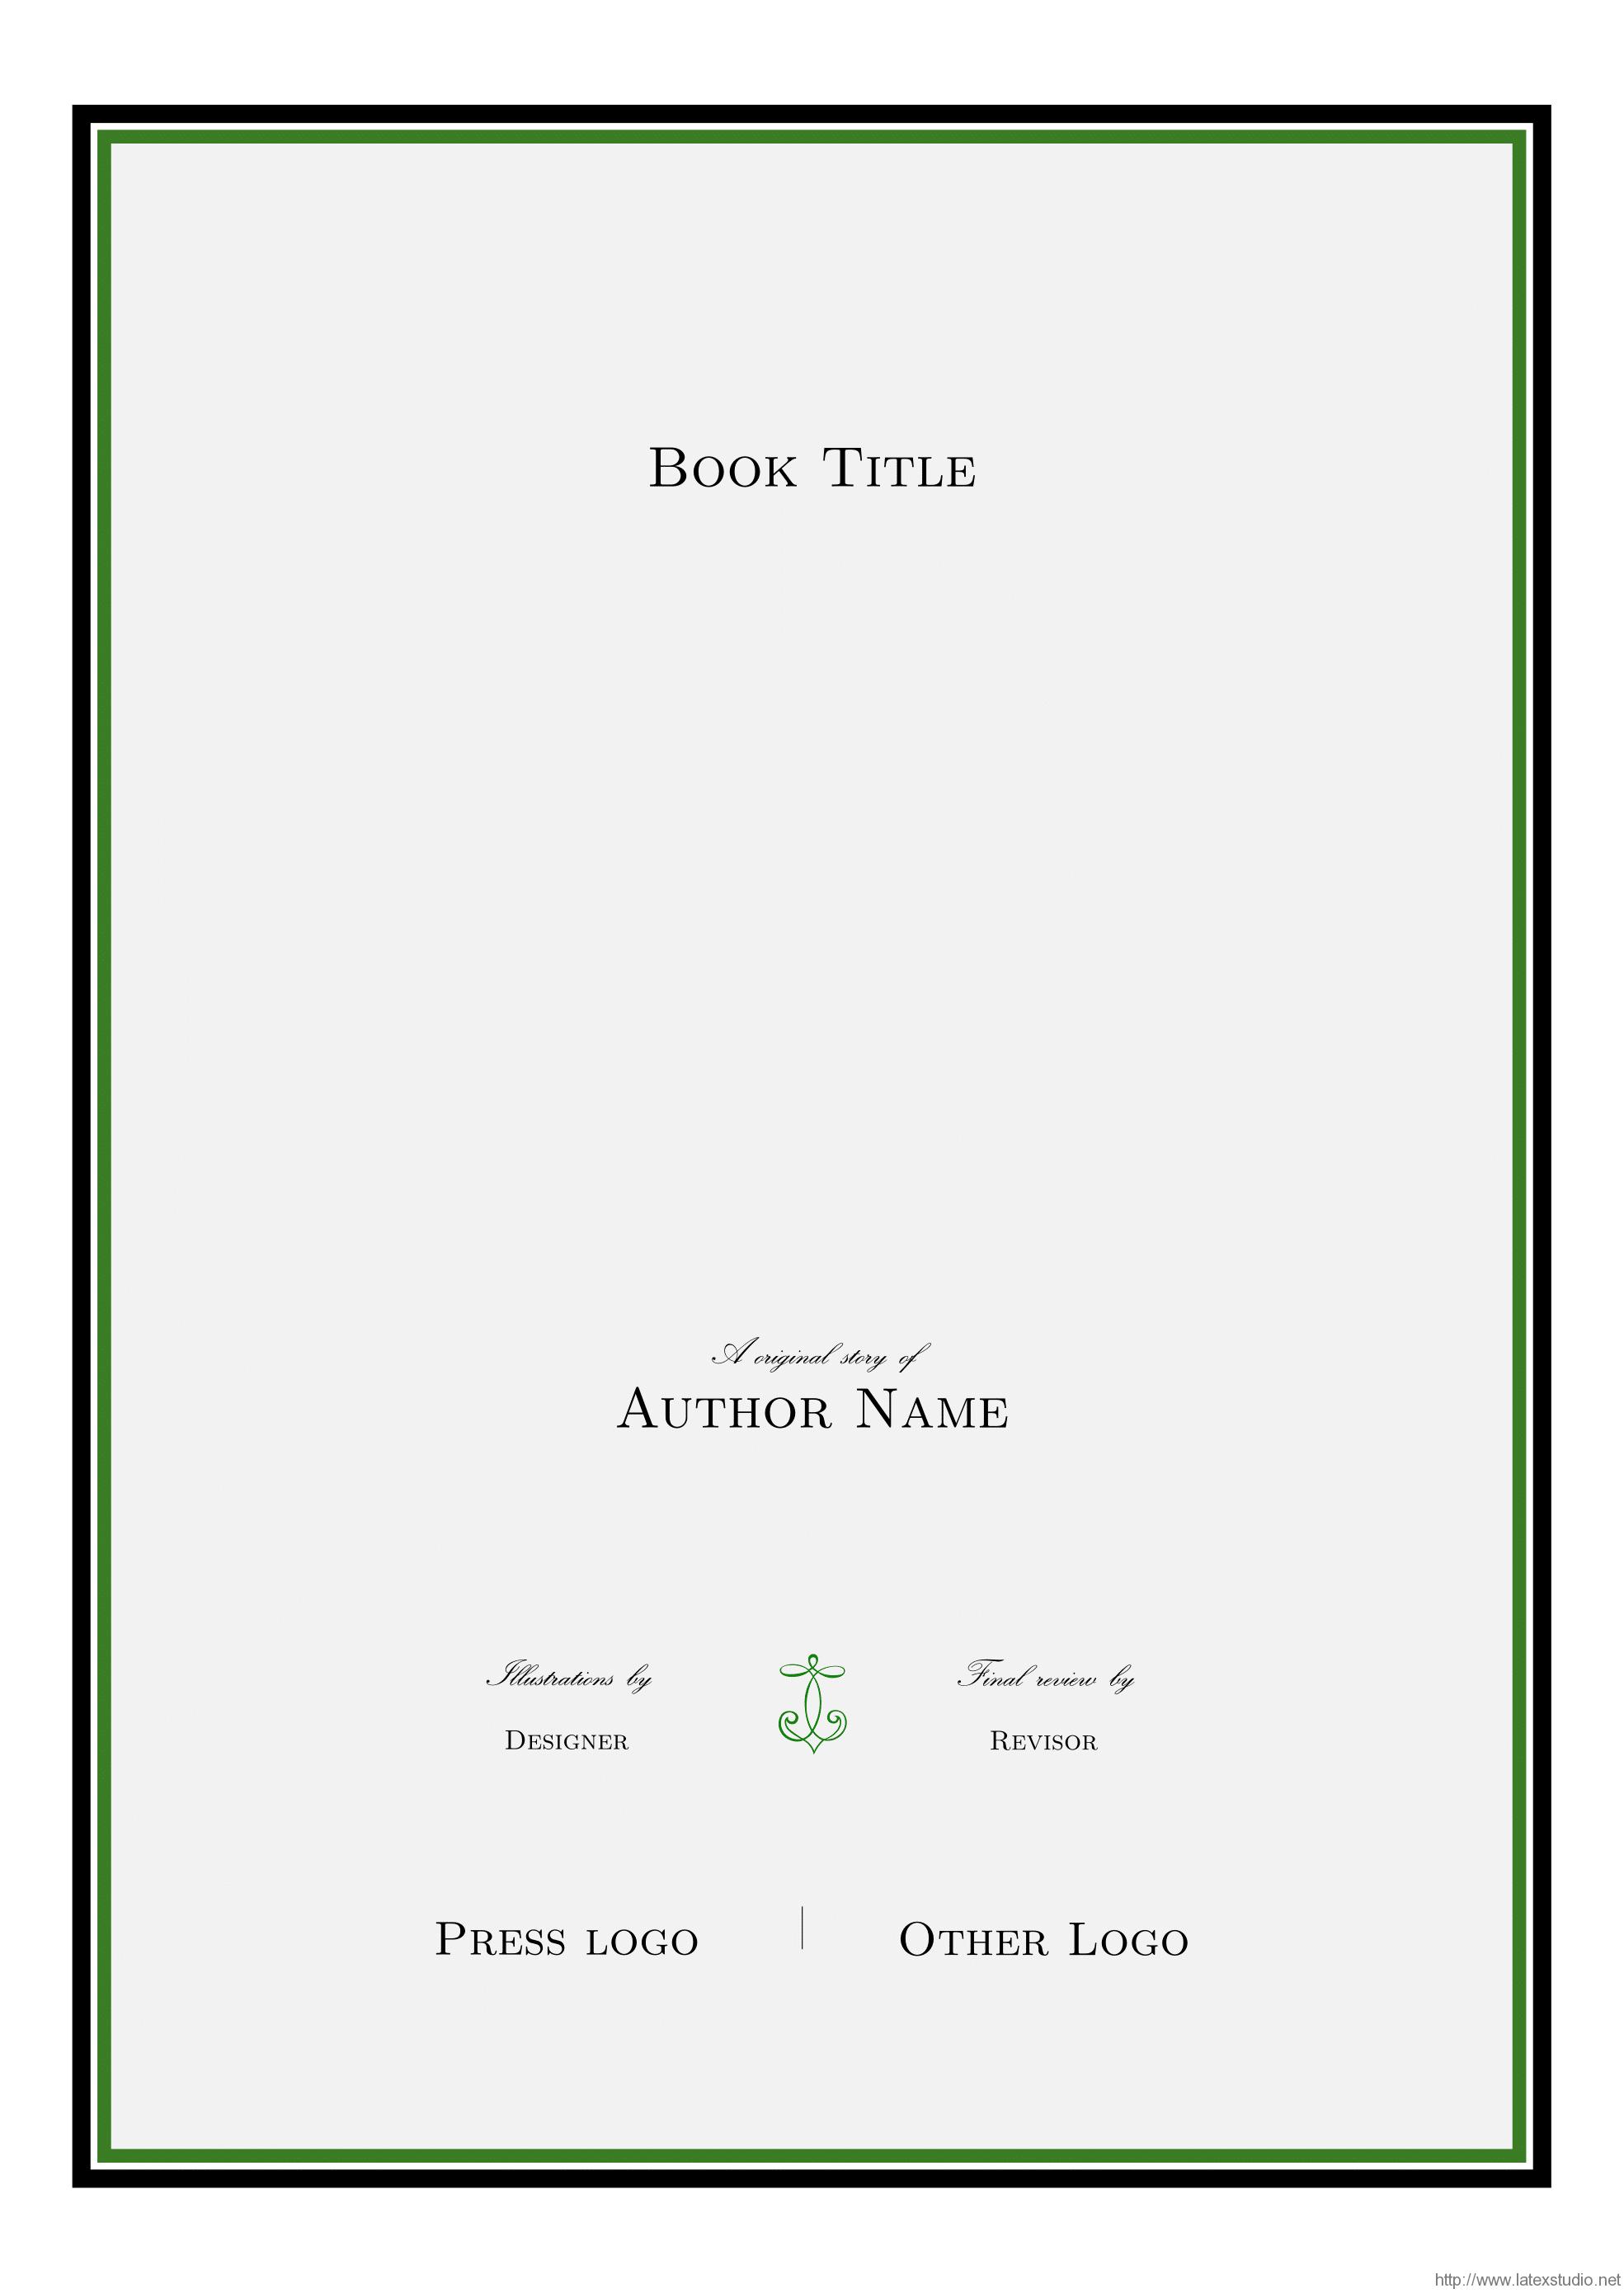 bookcover1-1